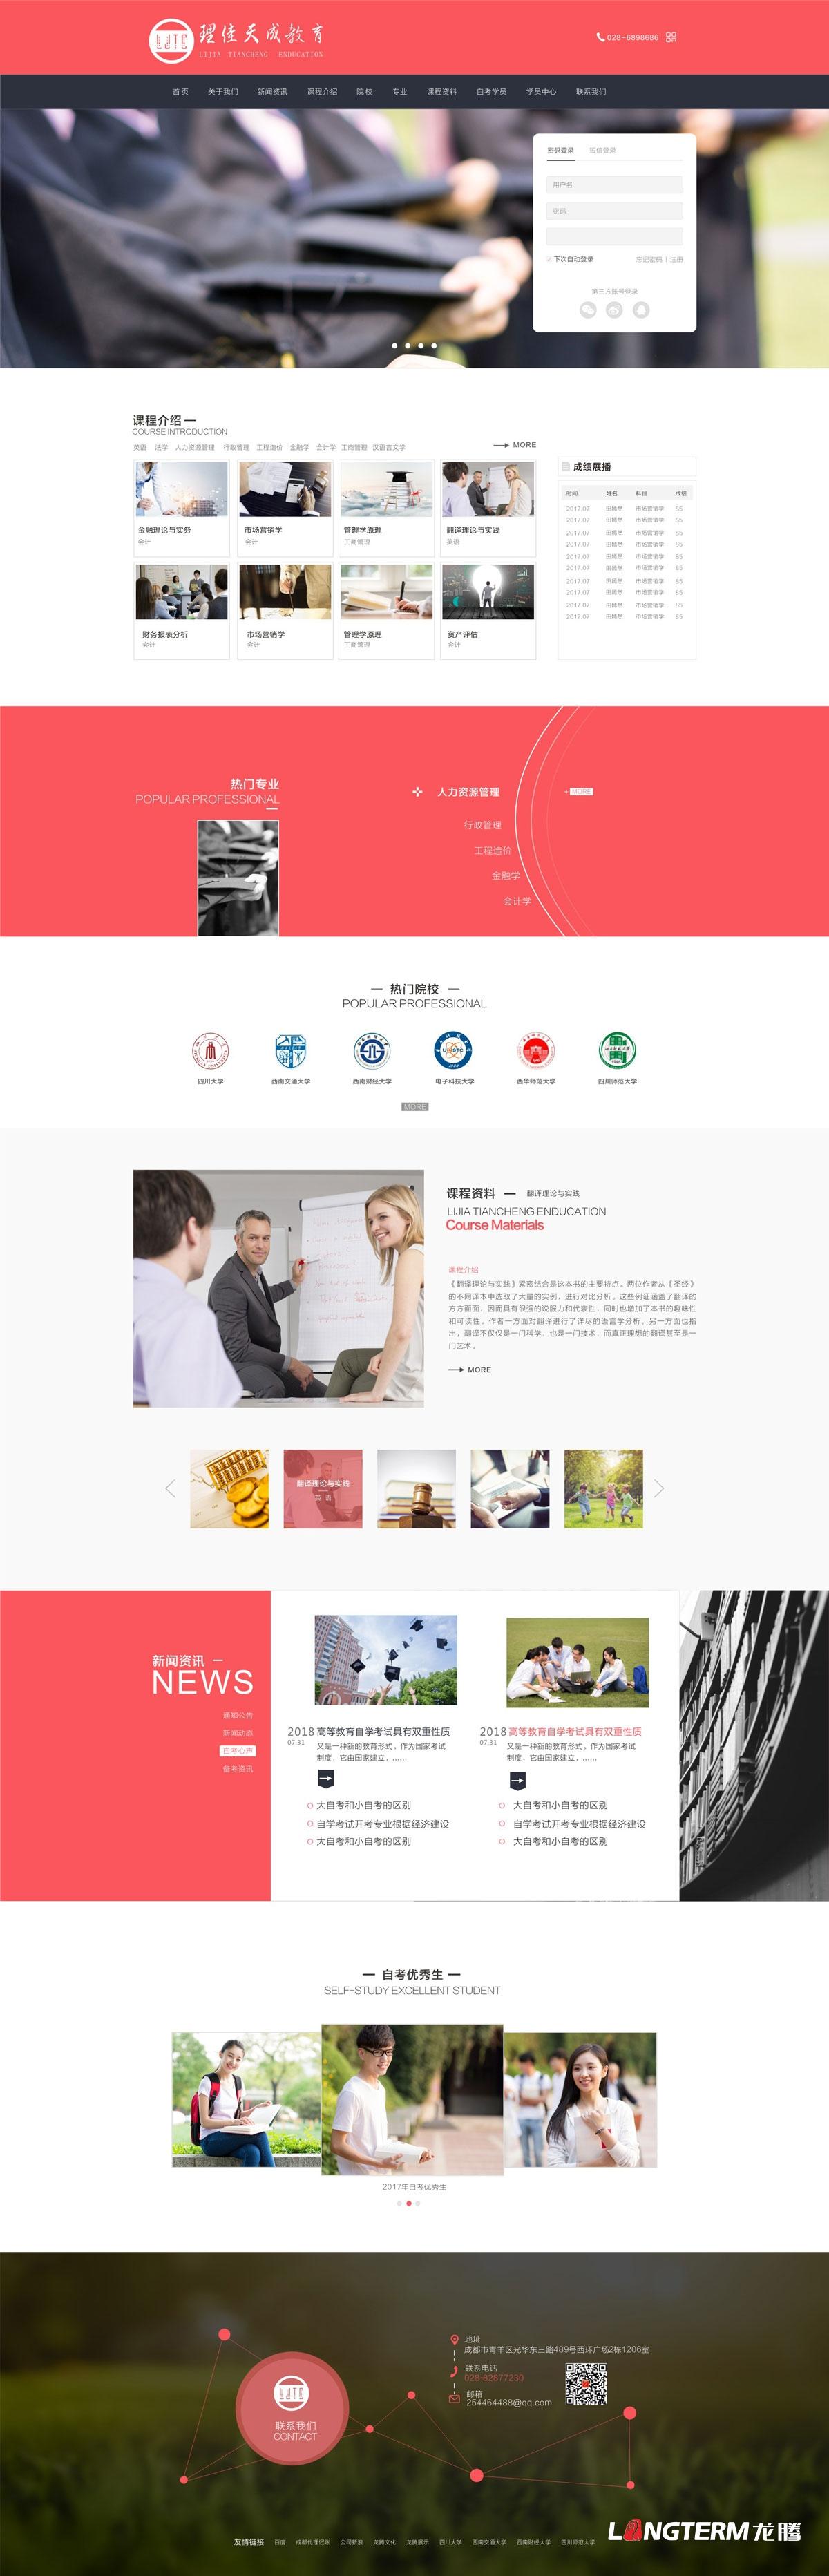 理佳天成教育公司品牌官网设计_成都理佳天成教育科技有限公司网站建设